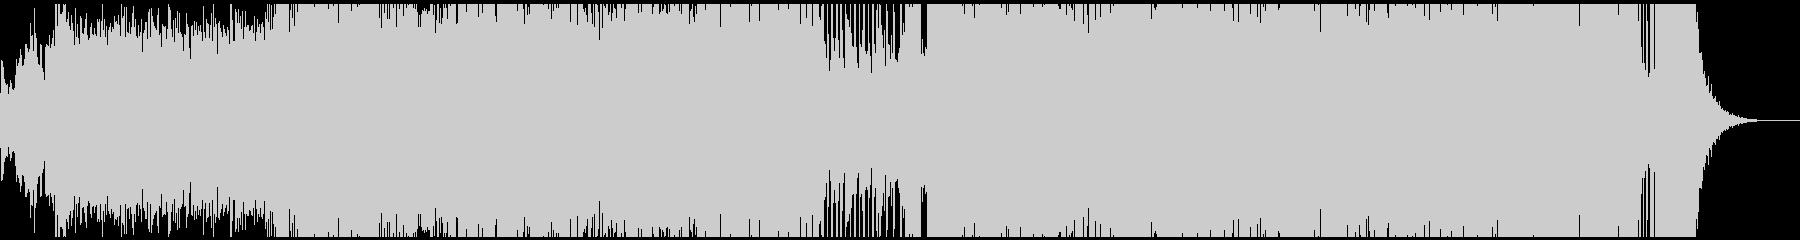 シンセサイザーによる前進するイメージの曲の未再生の波形